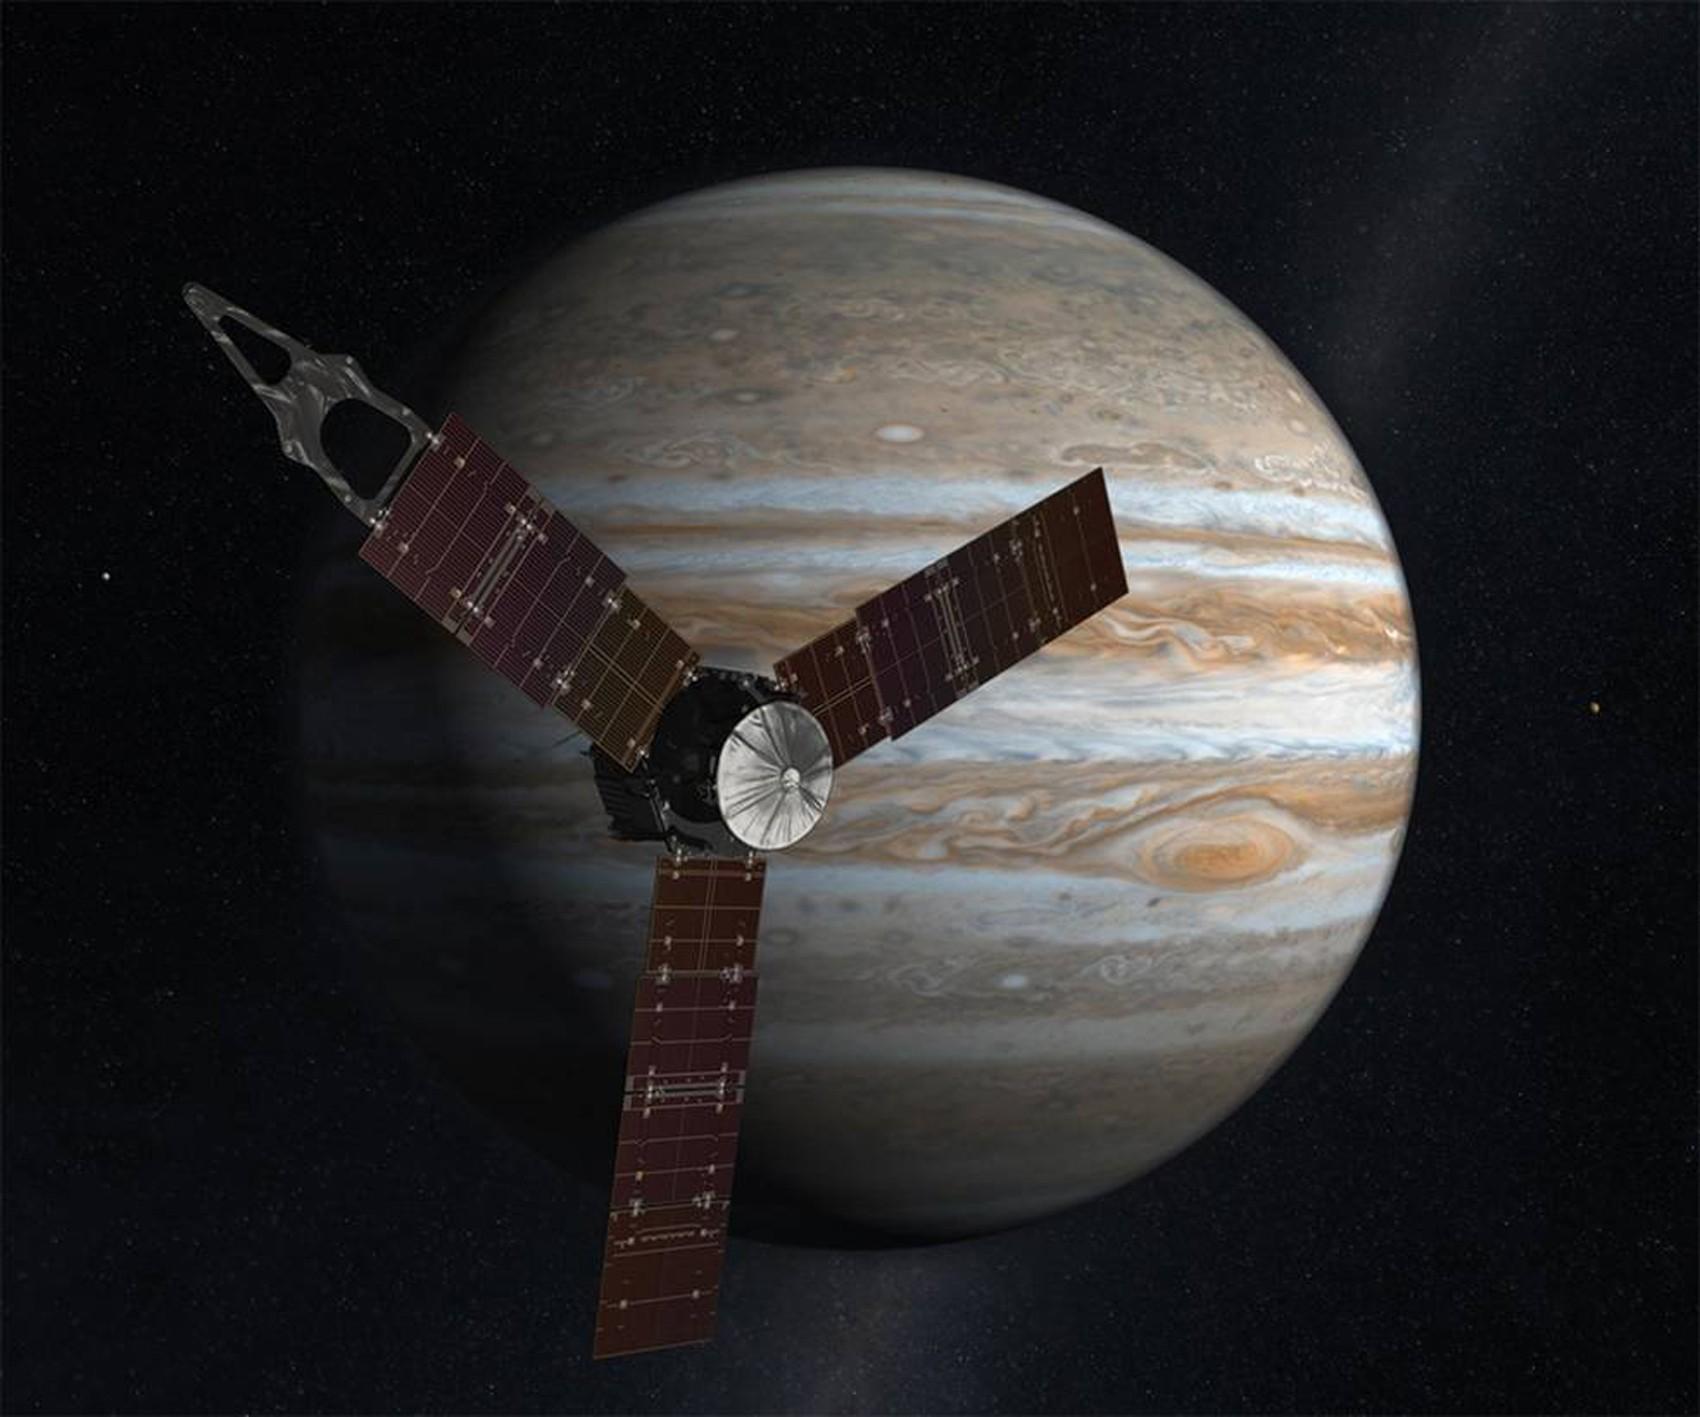 Sonda Juno aproxima-se de Jupiter, em ilustração